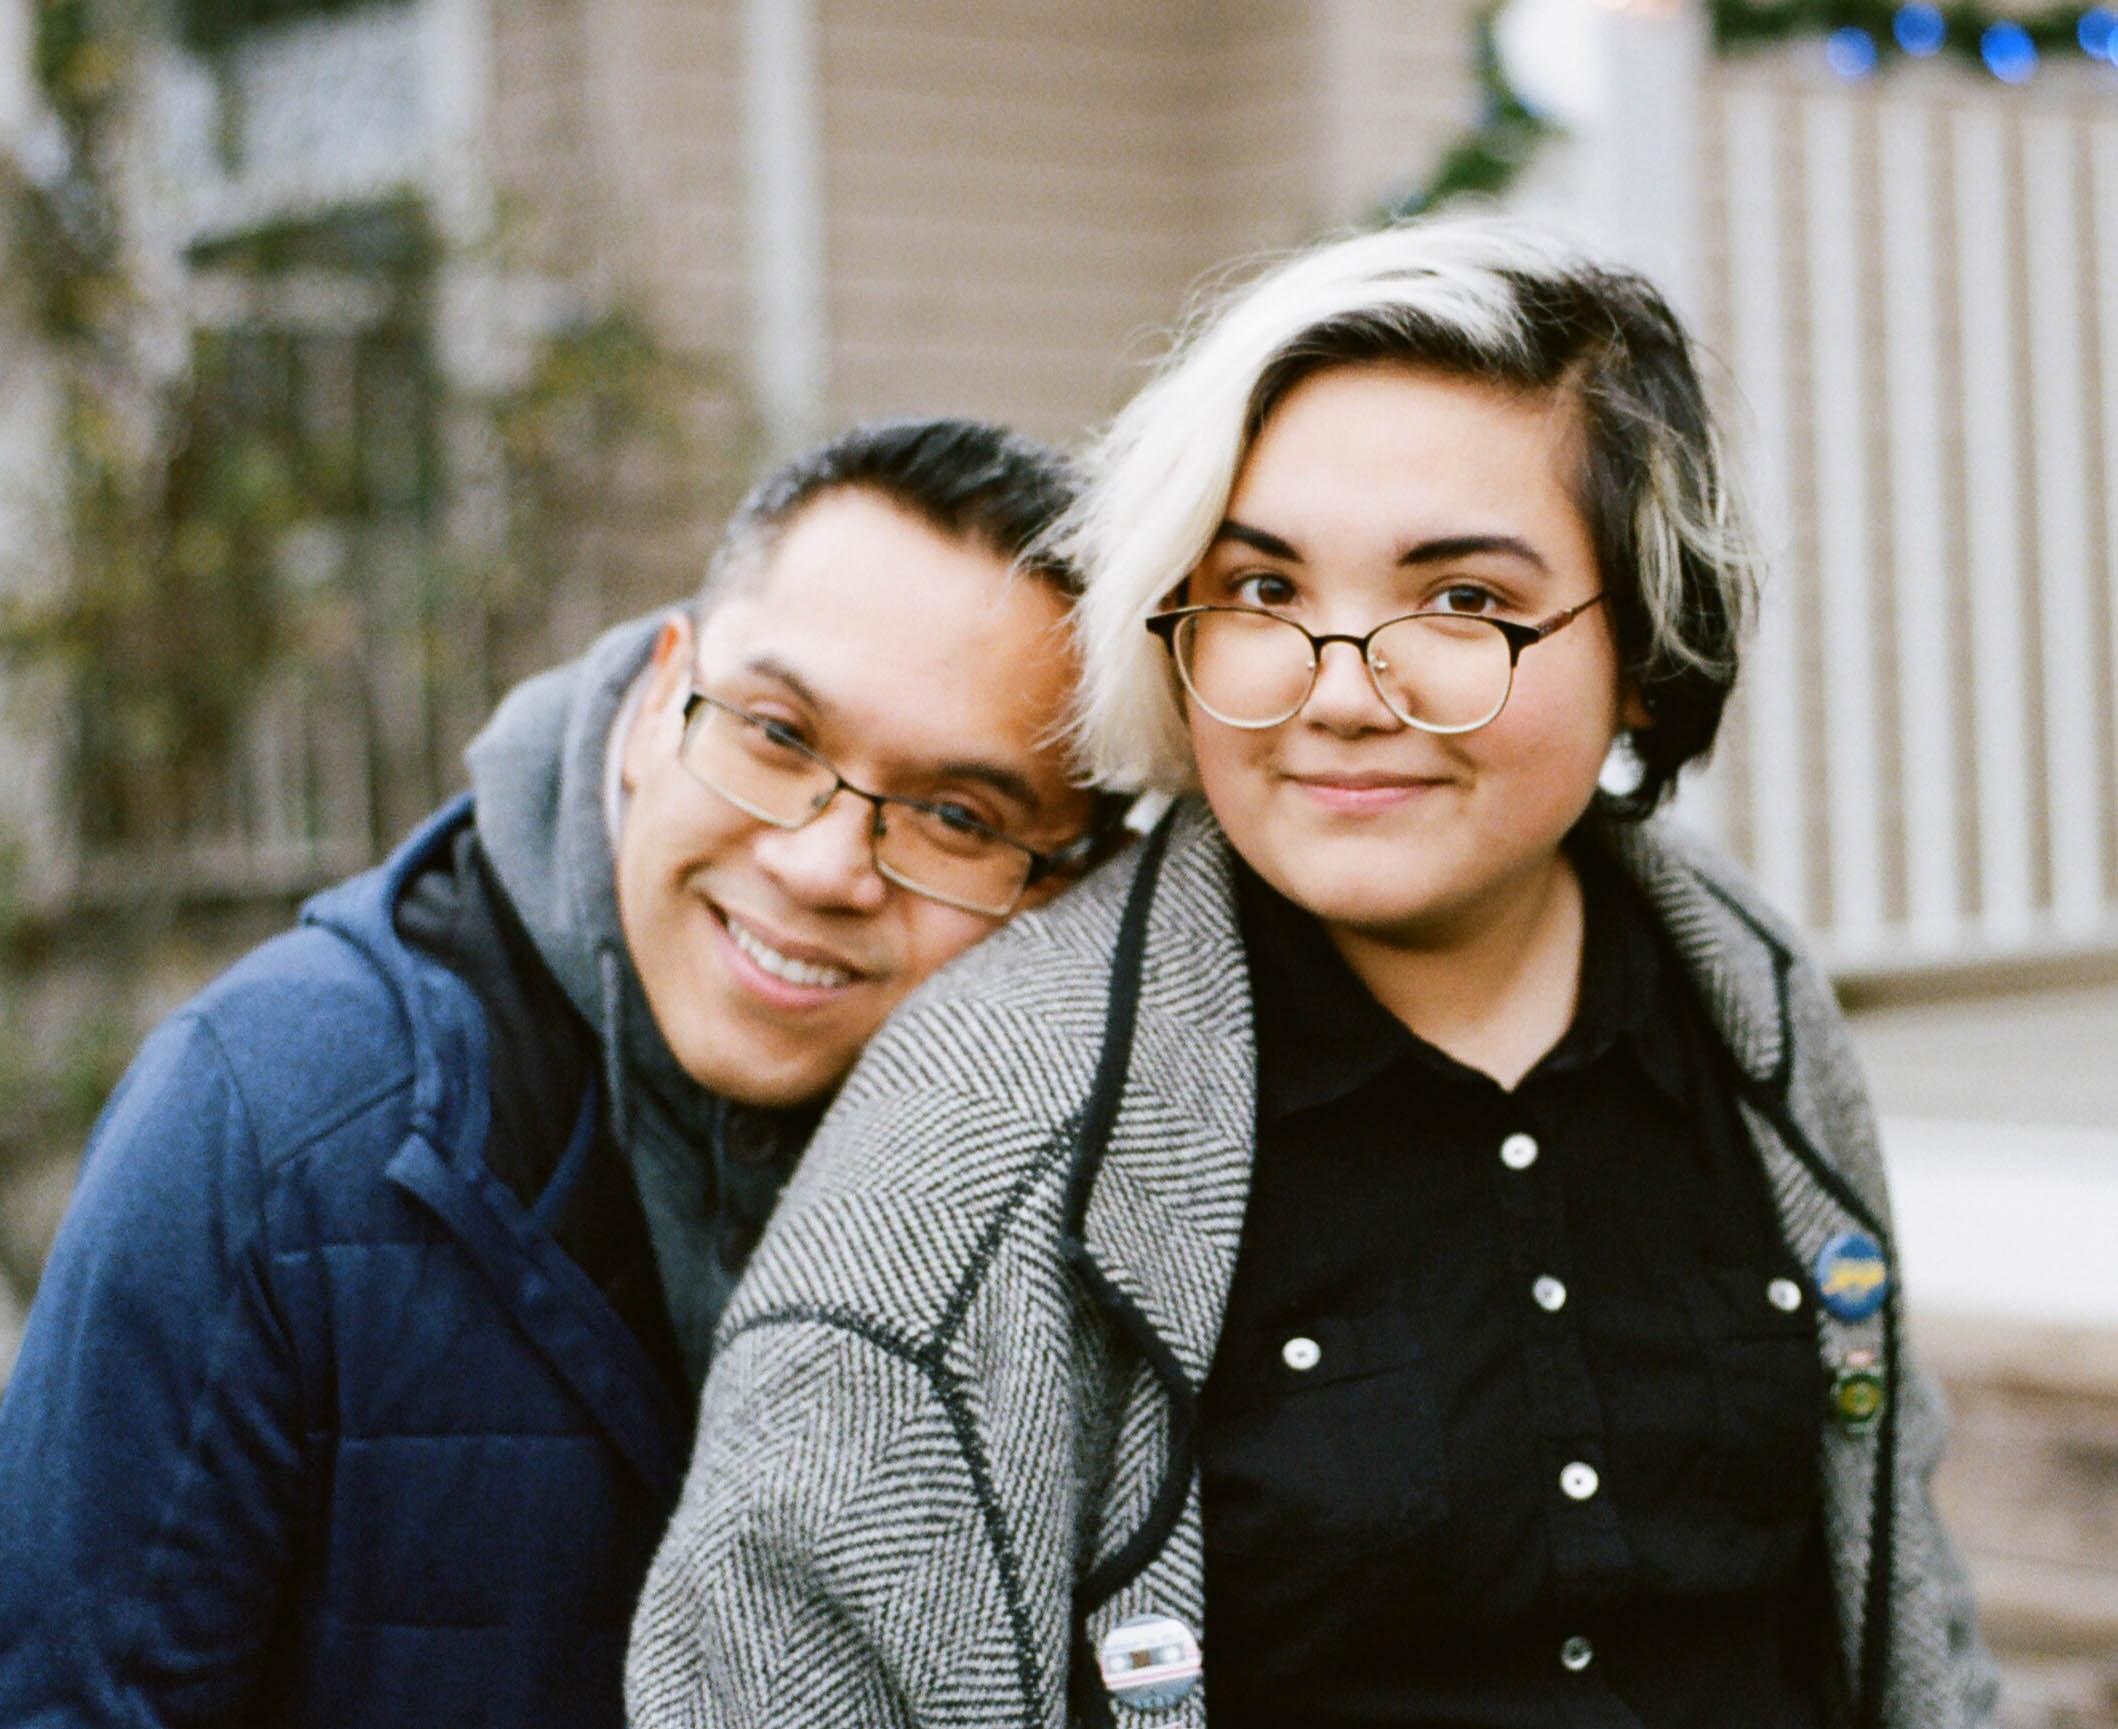 Darwin and Danielle